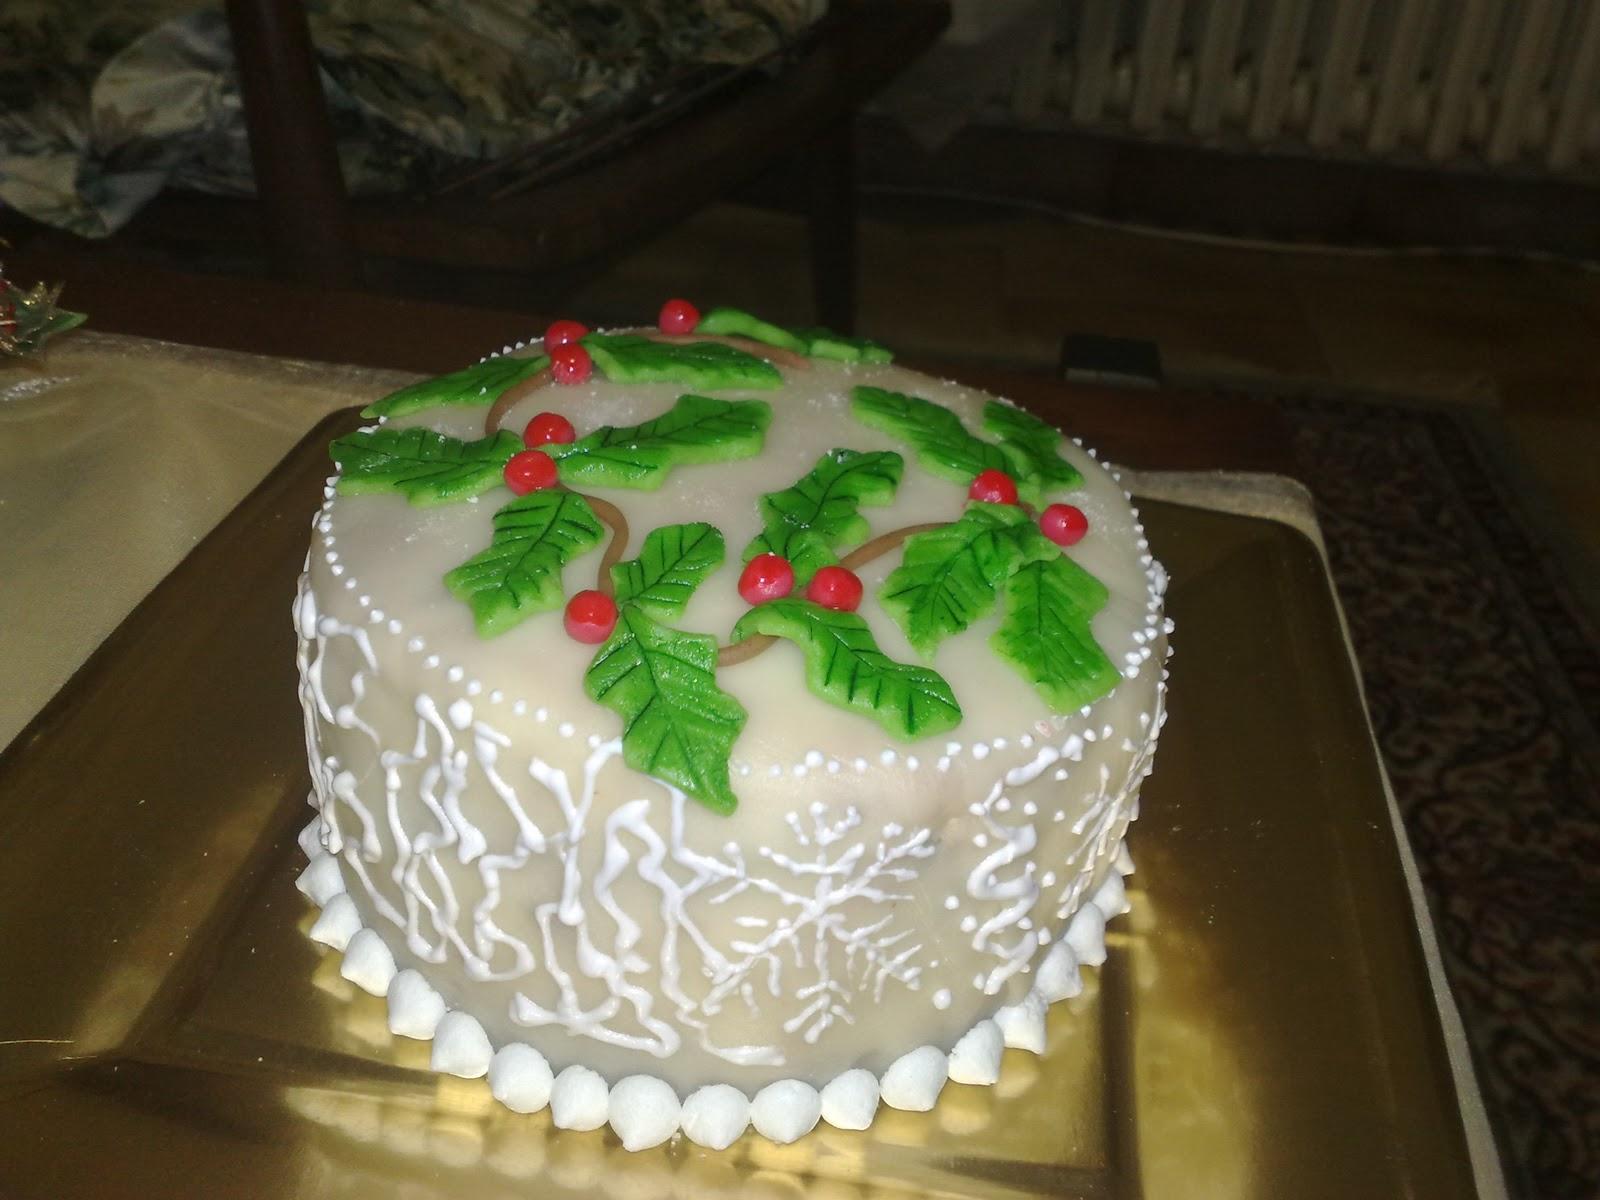 La rosa bulgara torta decorata per natale con marzapane e glassa reale dekorirana butikova - Decorazioni torte di natale ...